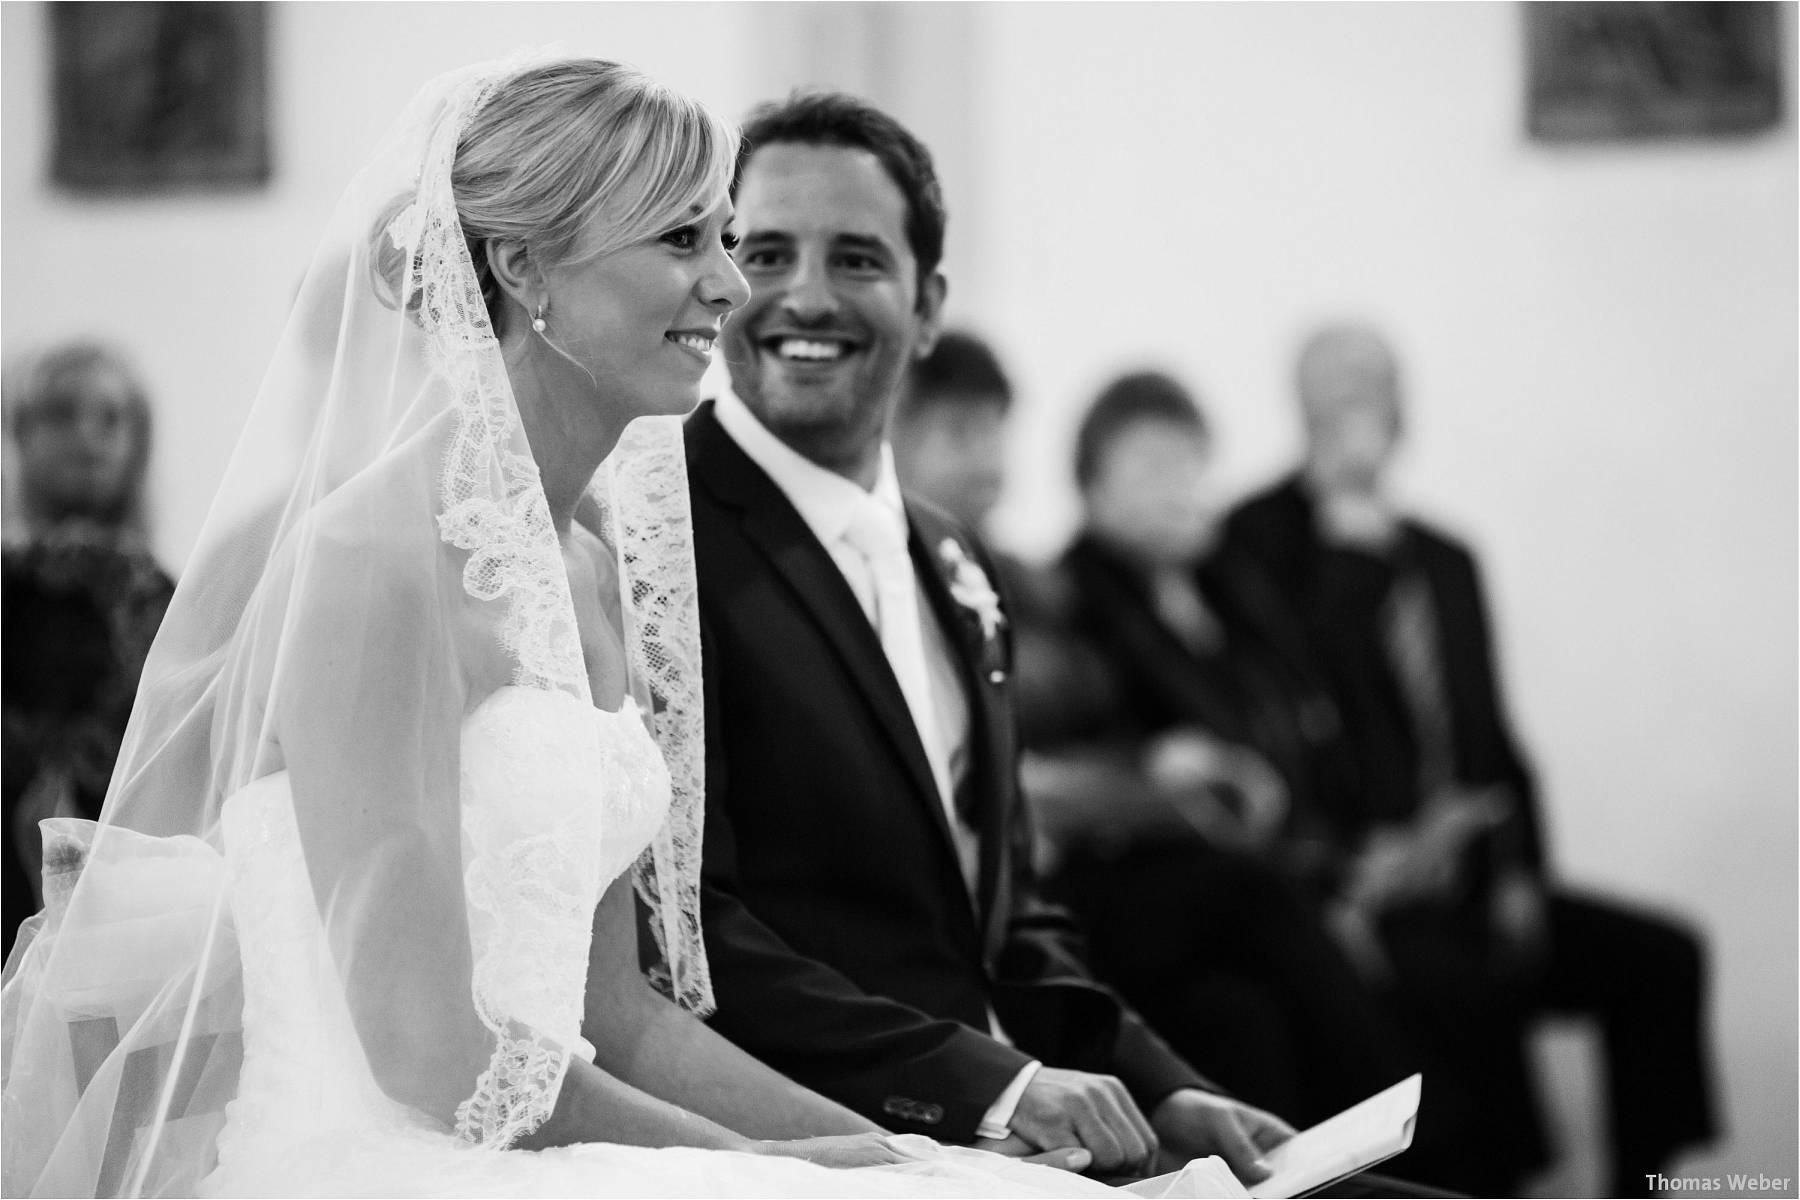 Hochzeitsfotograf Oldenburg: Hochzeit im Zollhaus und in der Eventscheune St. Georg in Rastede (15)